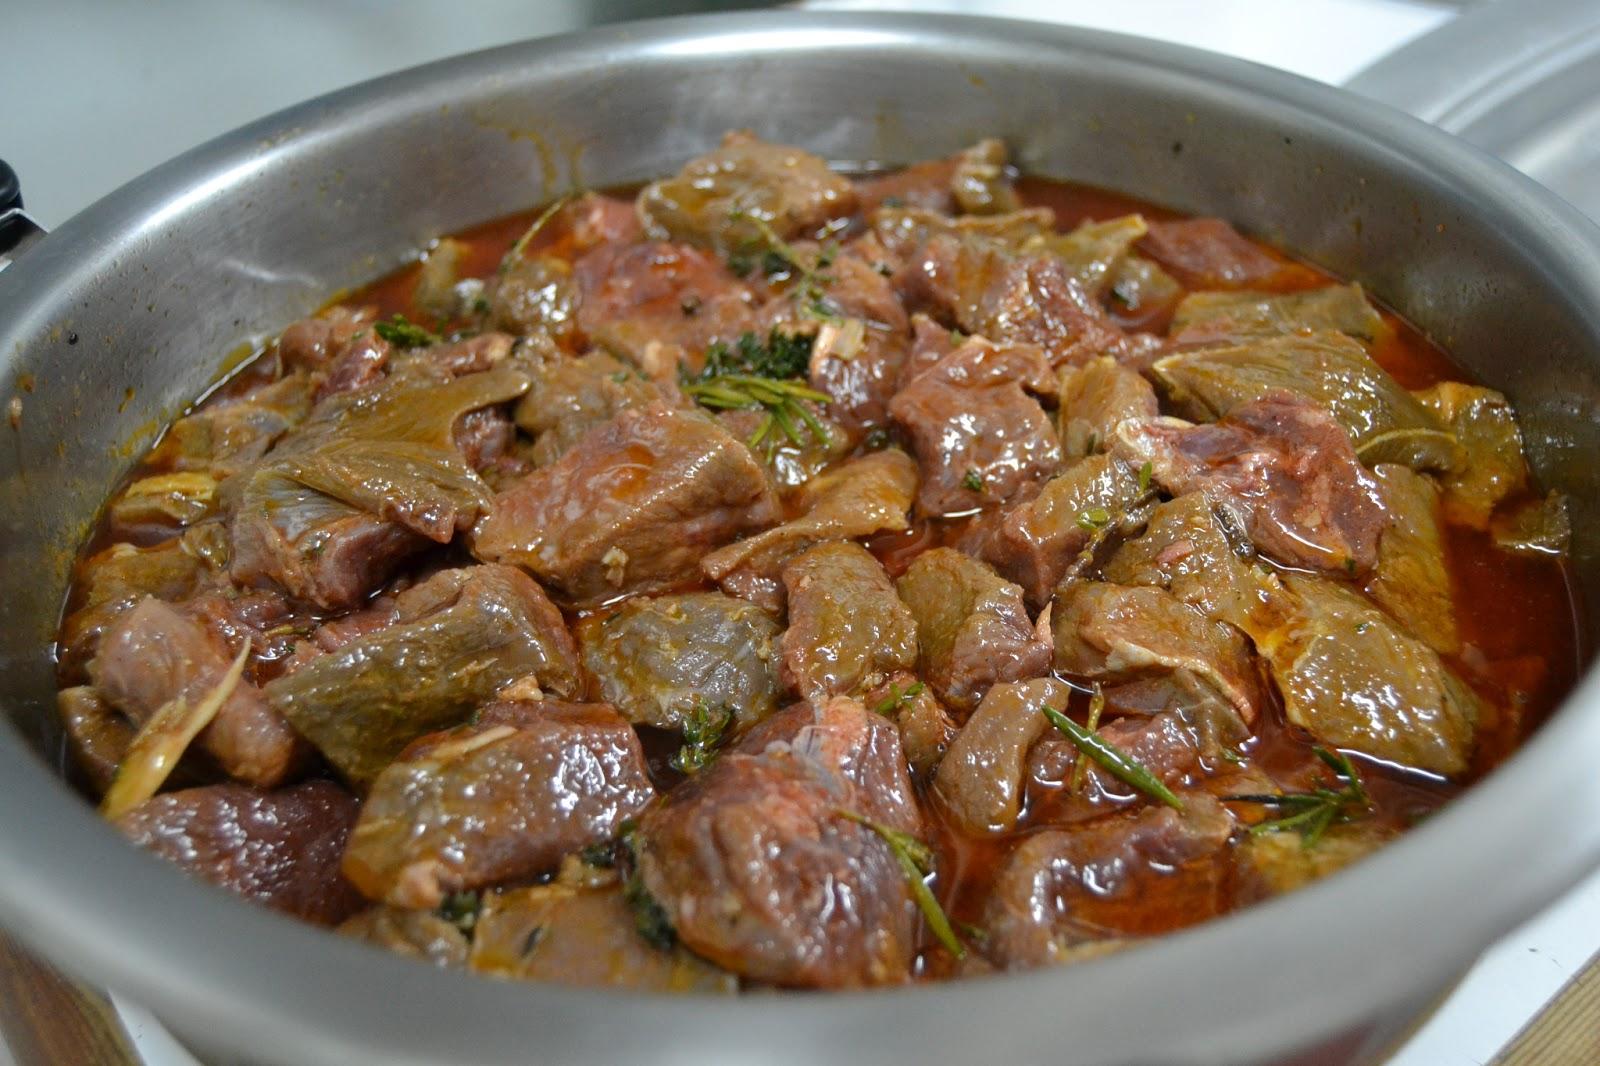 receta jabali guisado